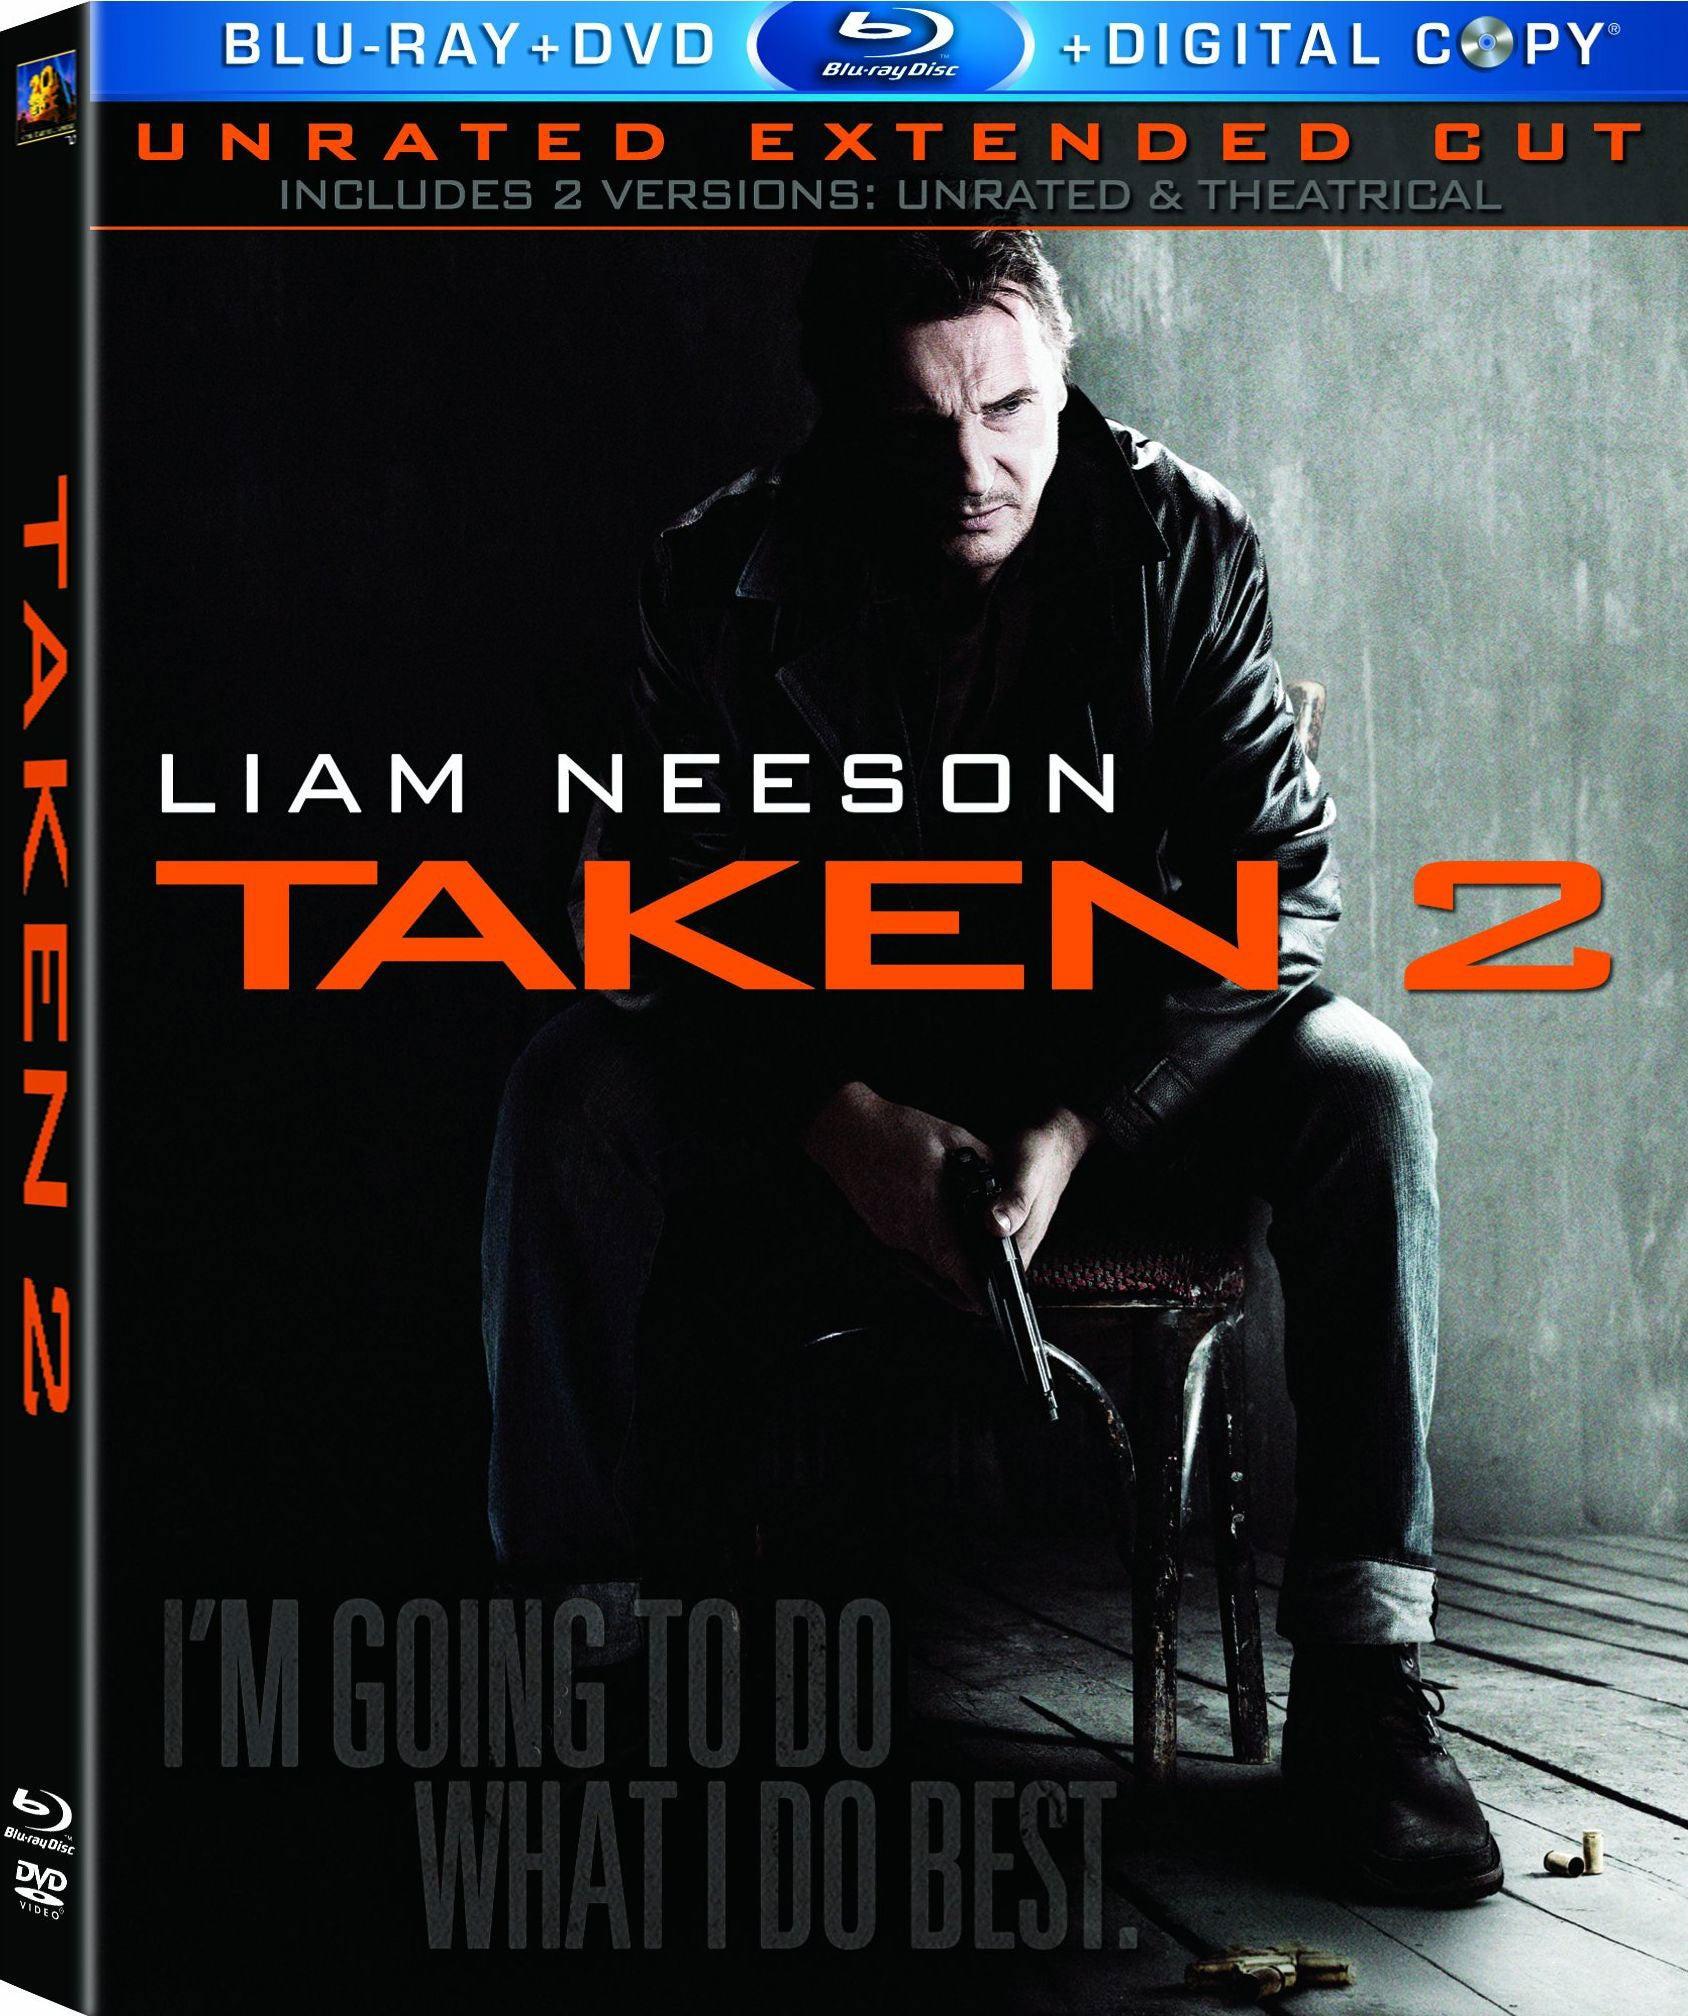 Taken 2 (Blu-ray/DVD)